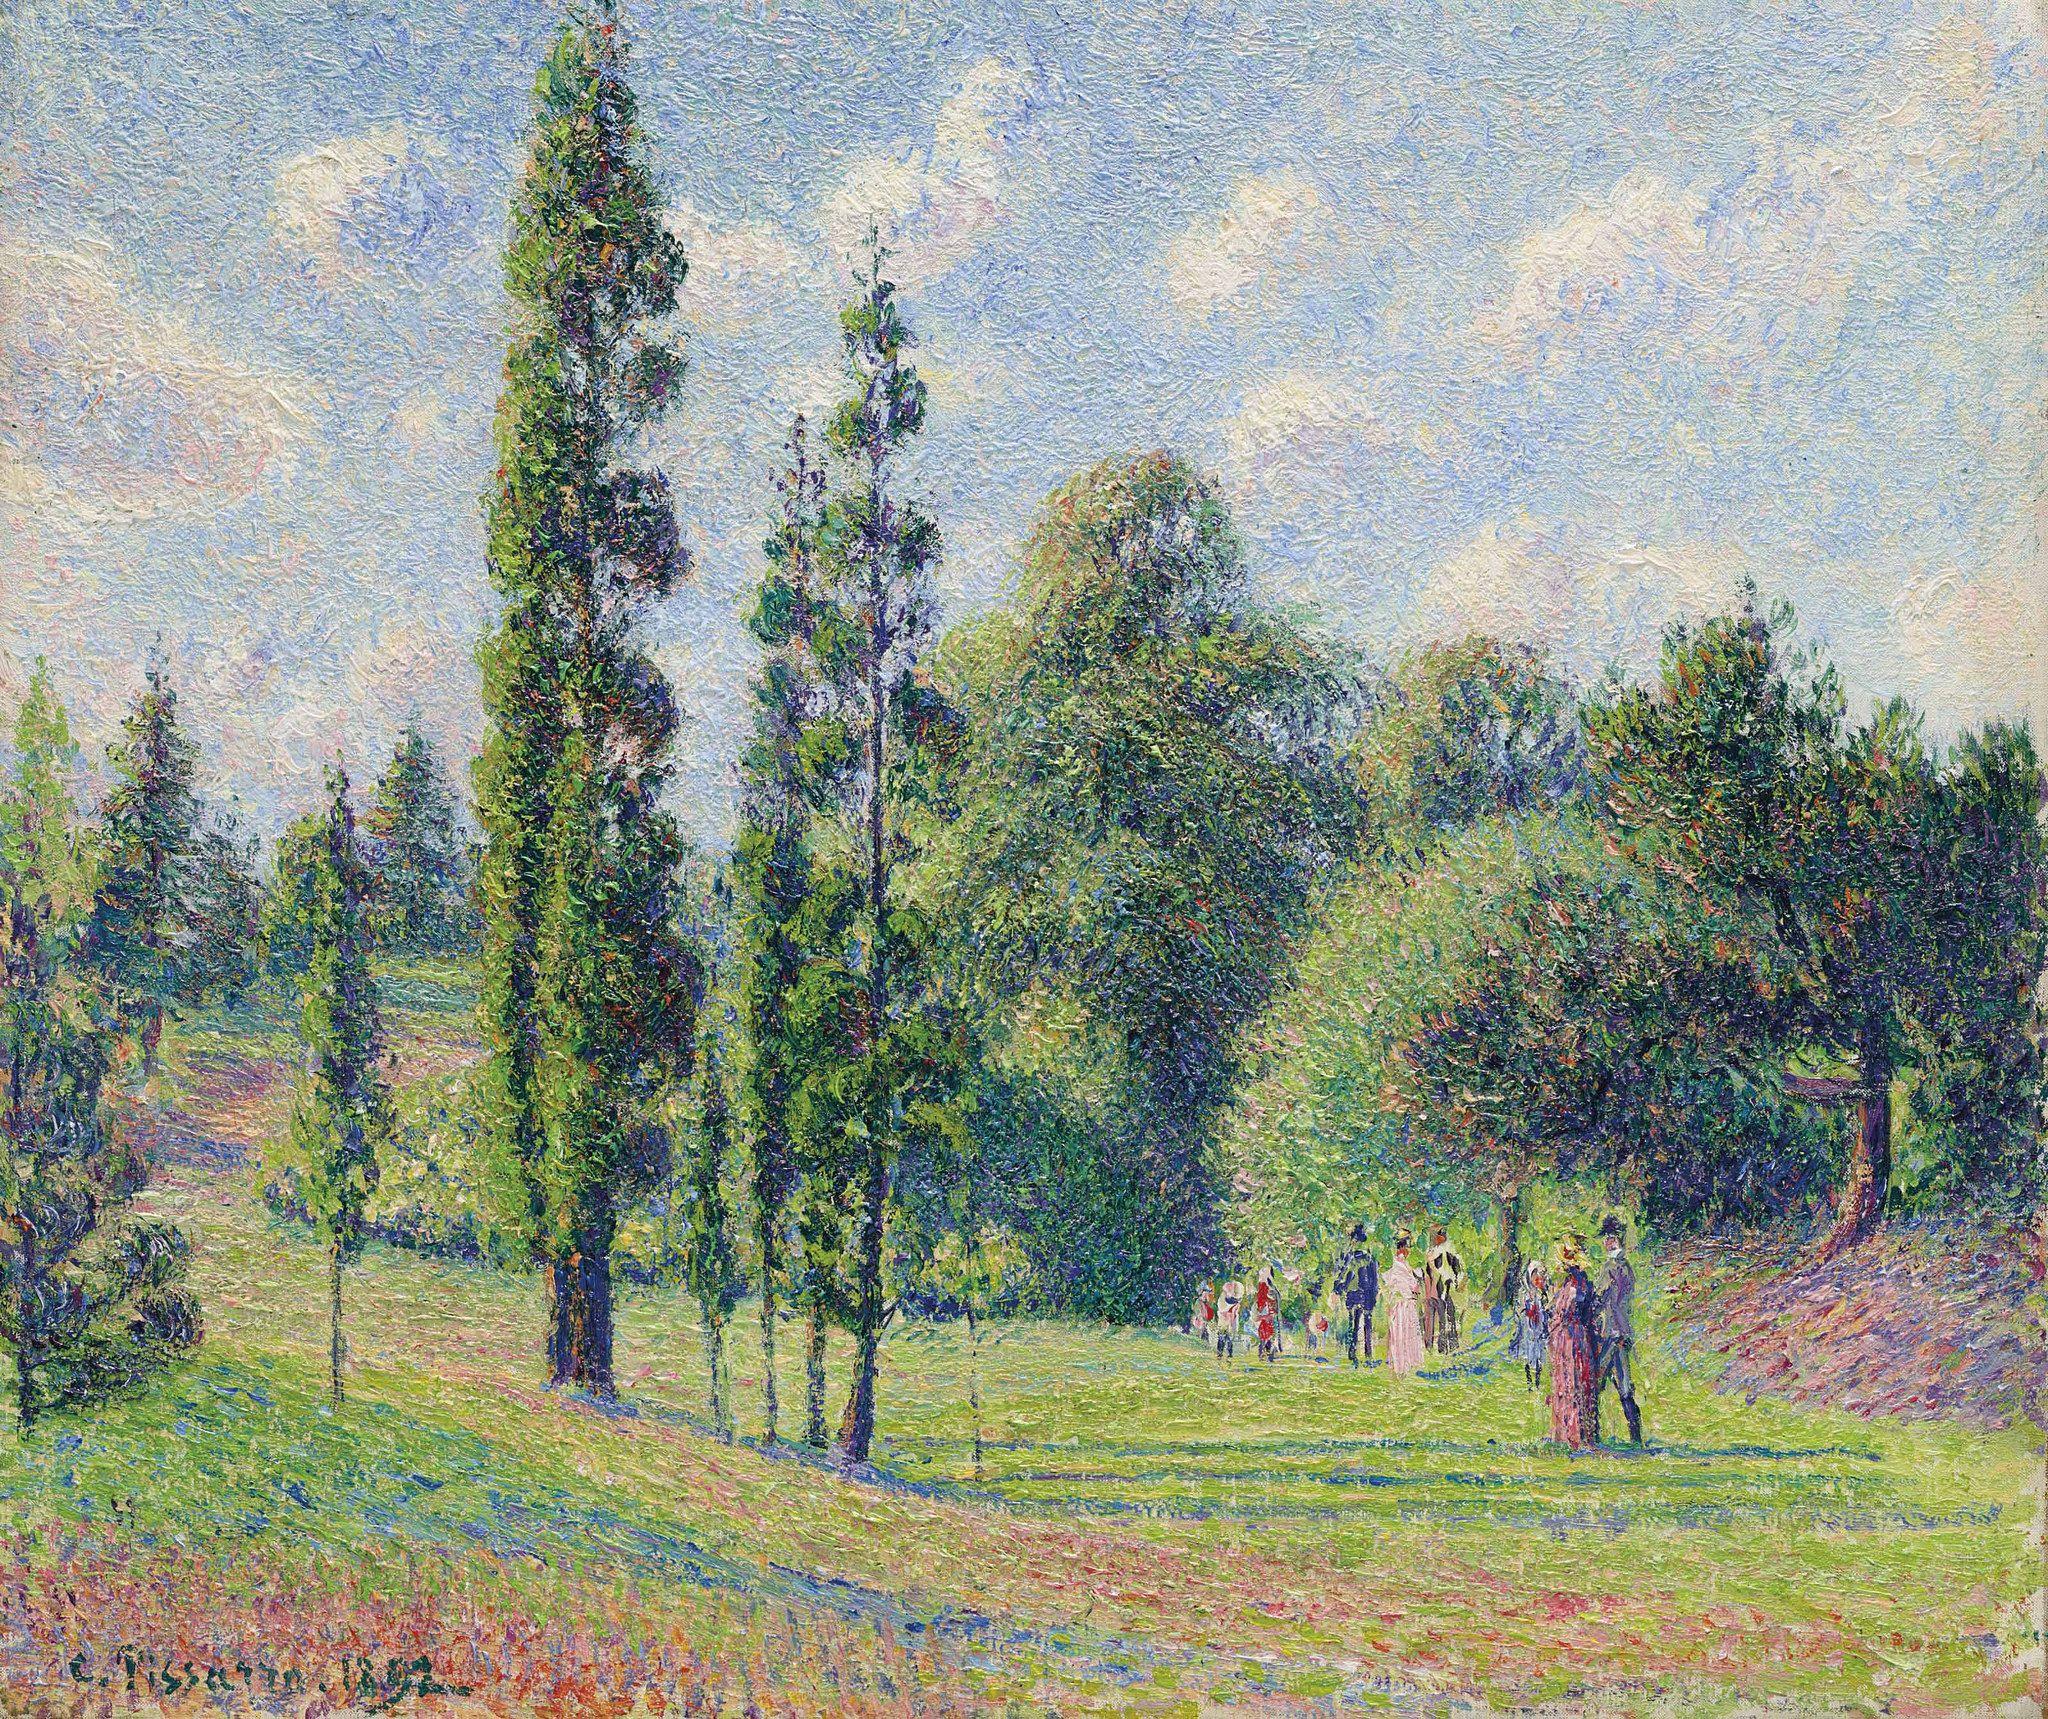 Camille Pissarro Jardin De Kew Londres Kew Gardens London 1892 Camille Pissarro Kew Gardens Landscape